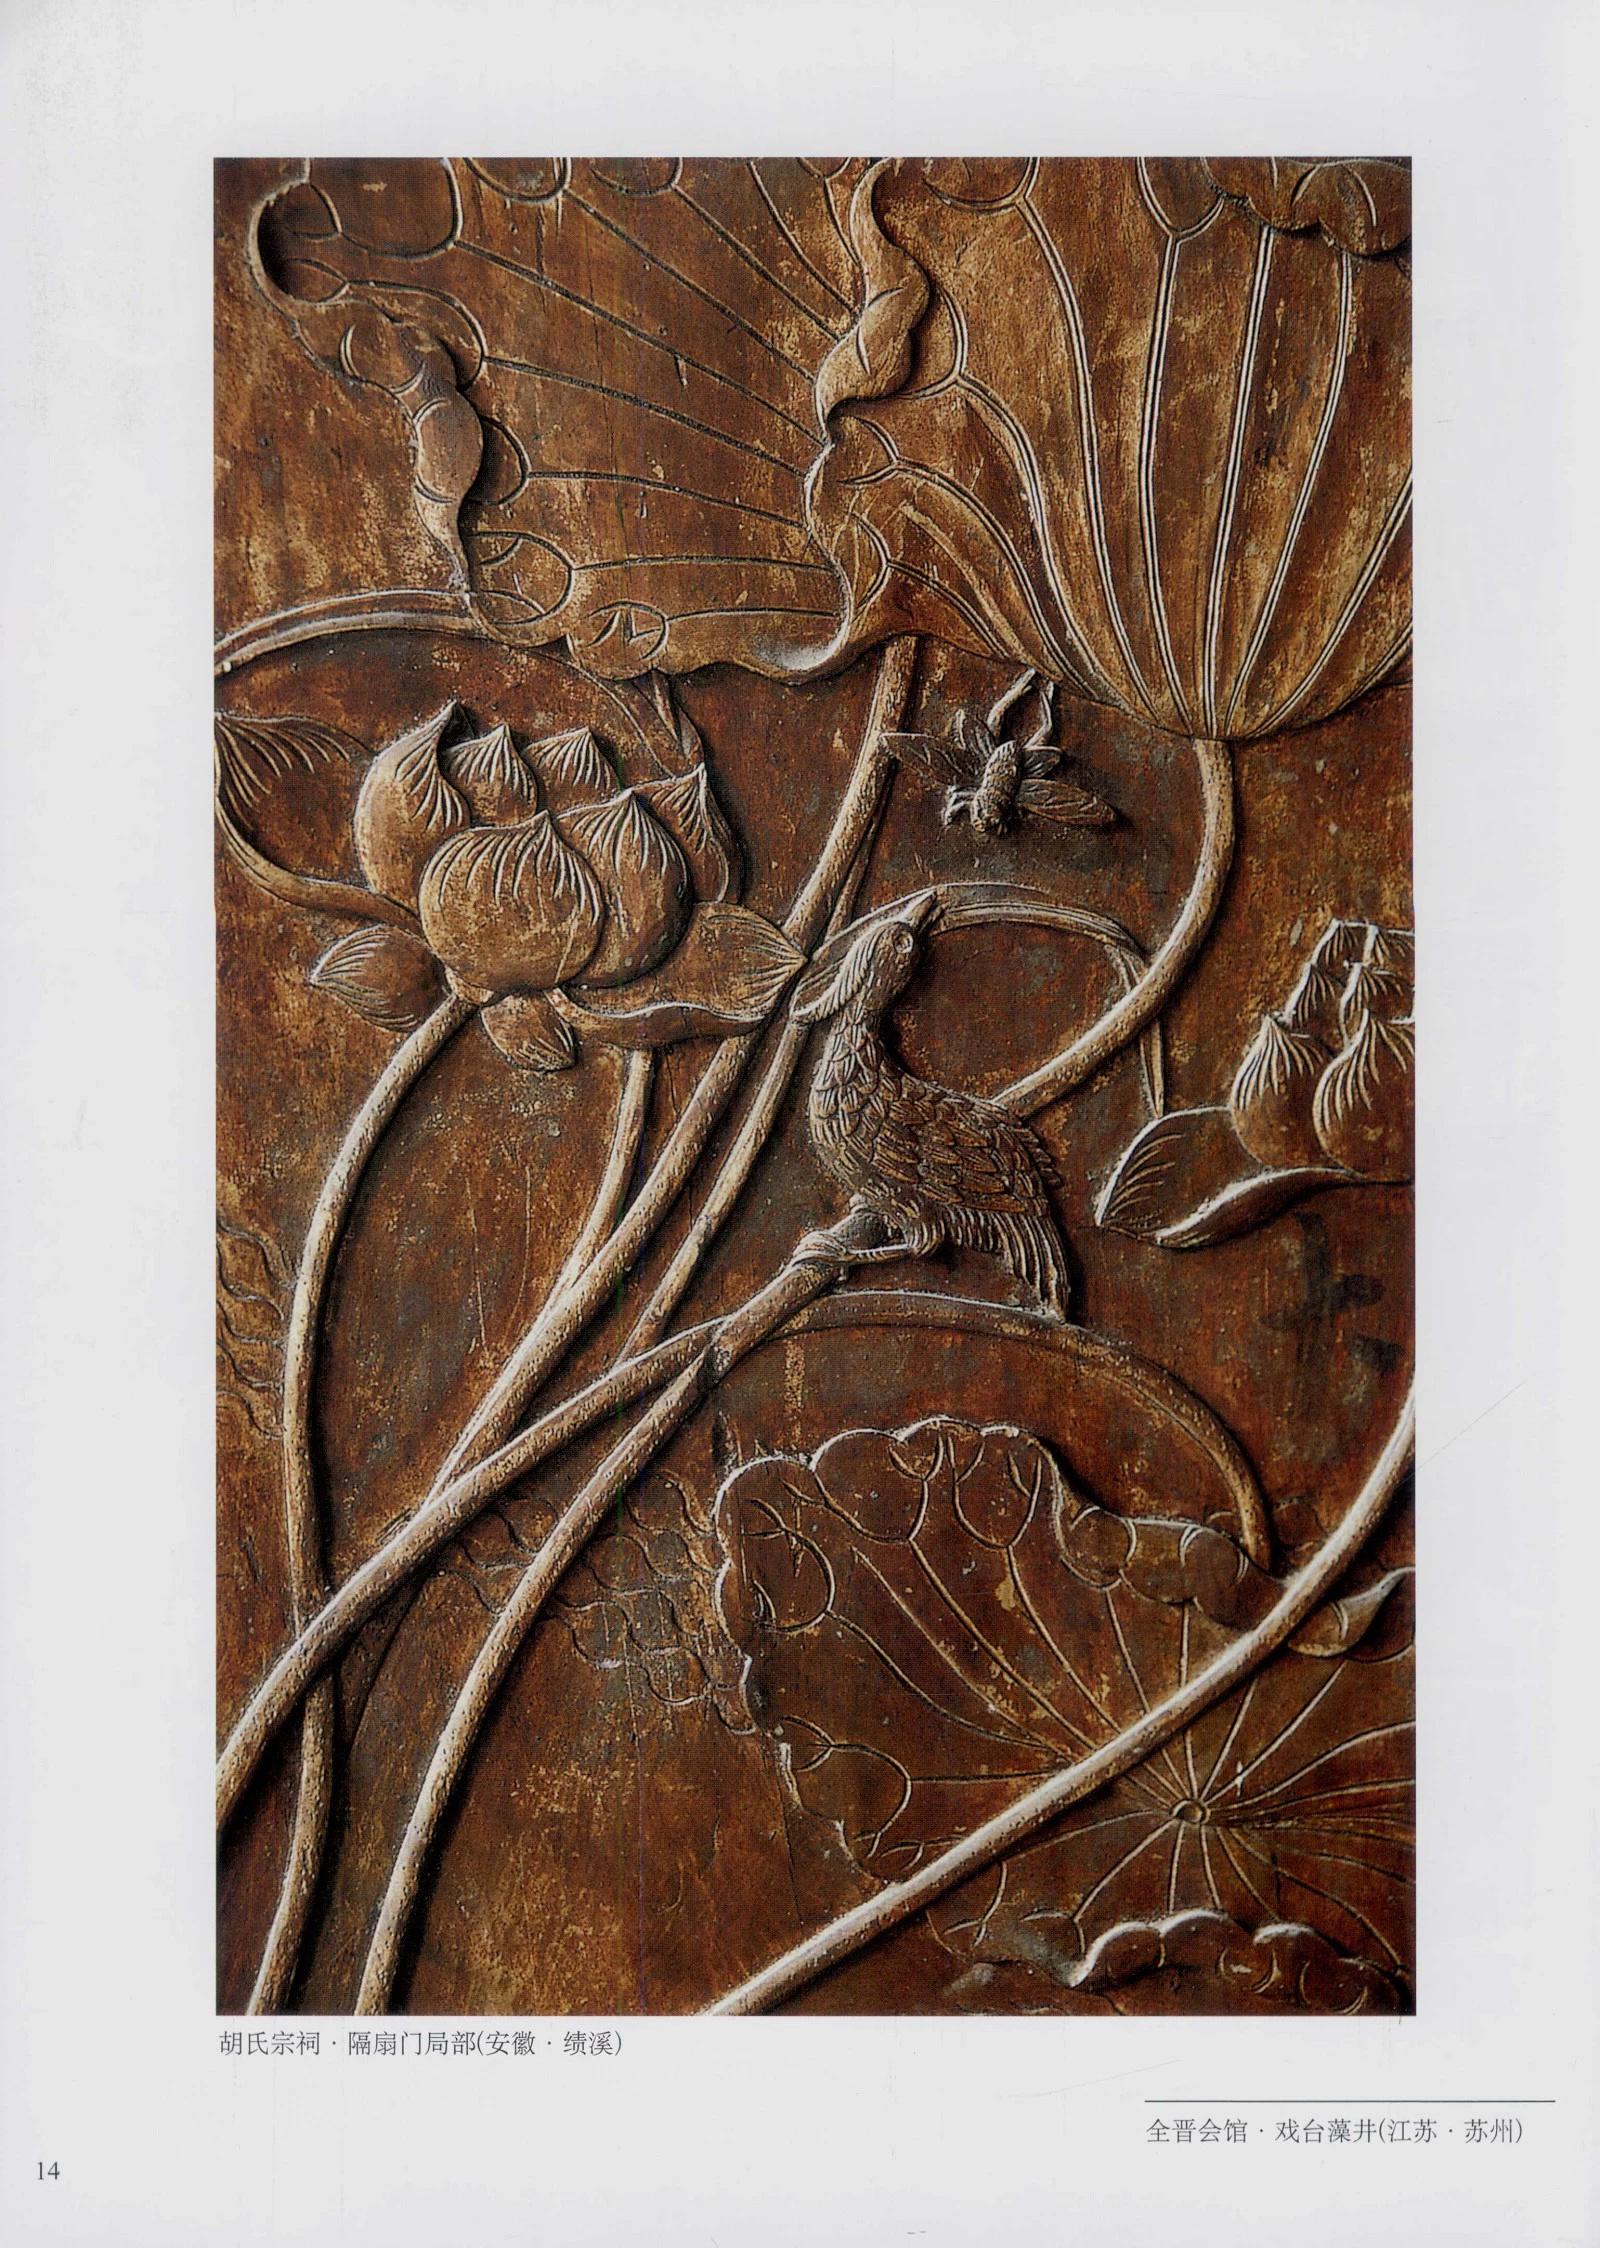 木材雕刻图片简单